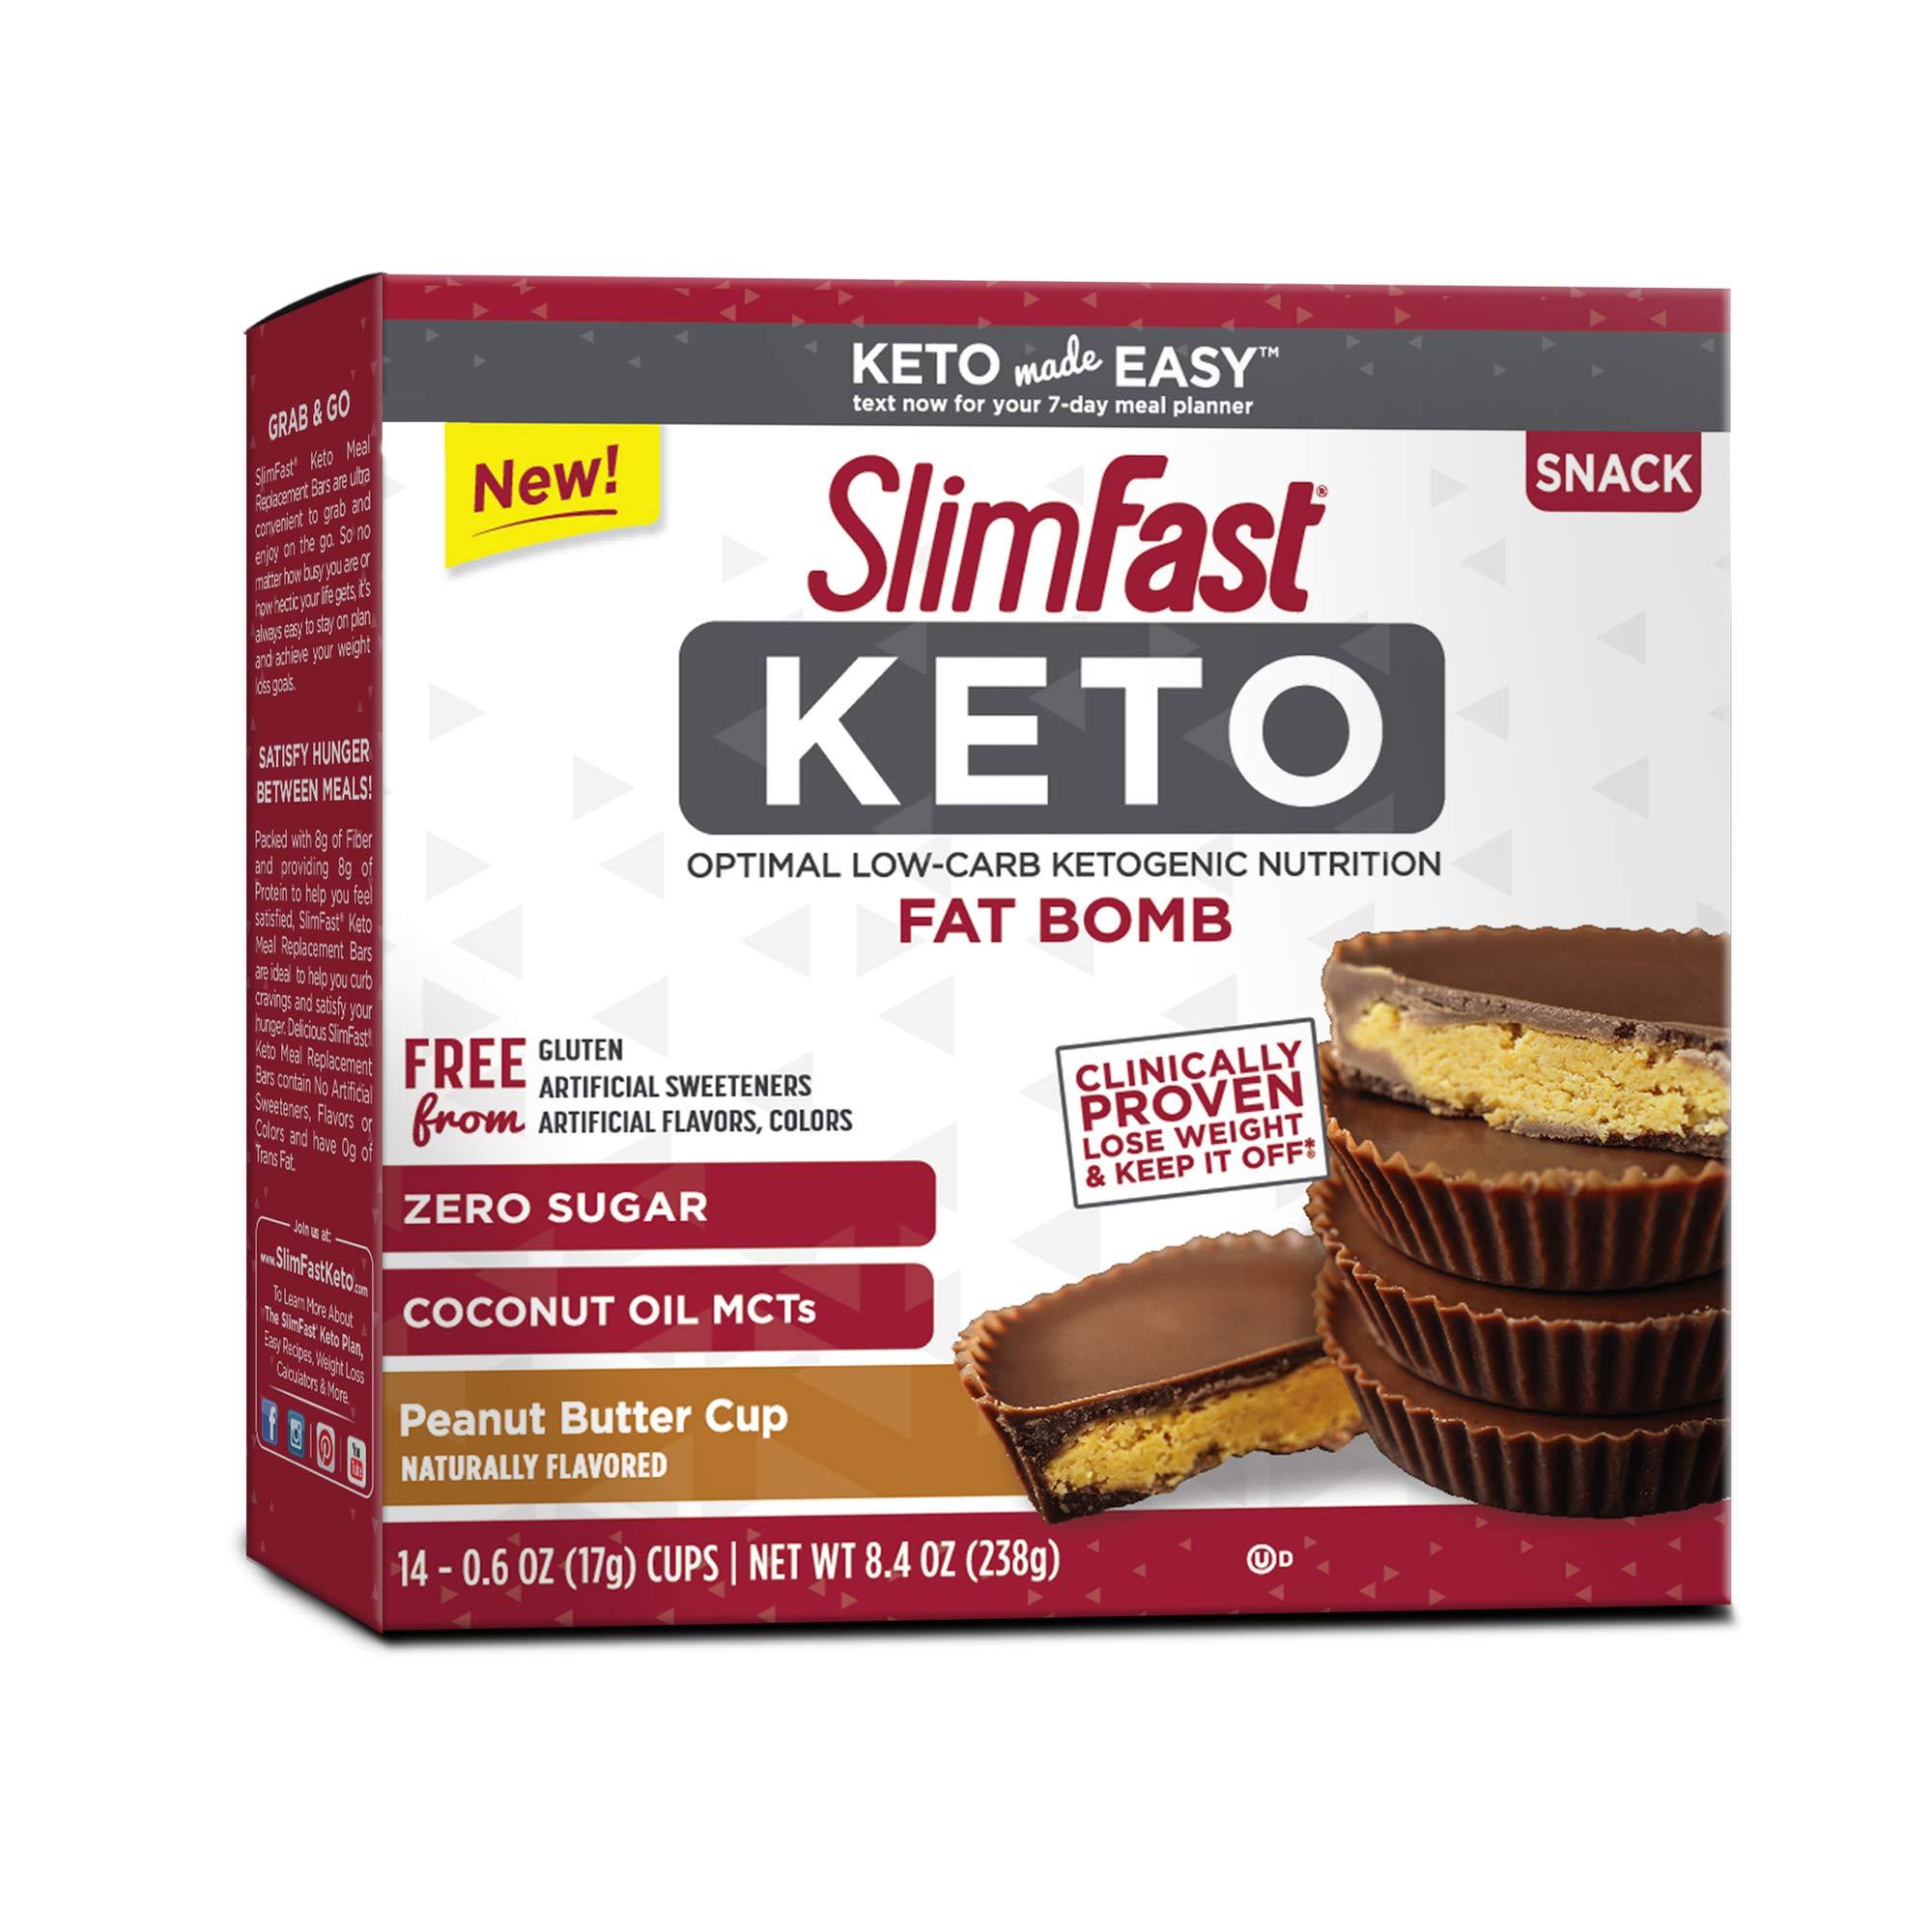 Slimfast Keto Peanut Butter Cup Fat Bomb 0.59 oz 14 per Box (4 Boxes) by Slimfast Keto